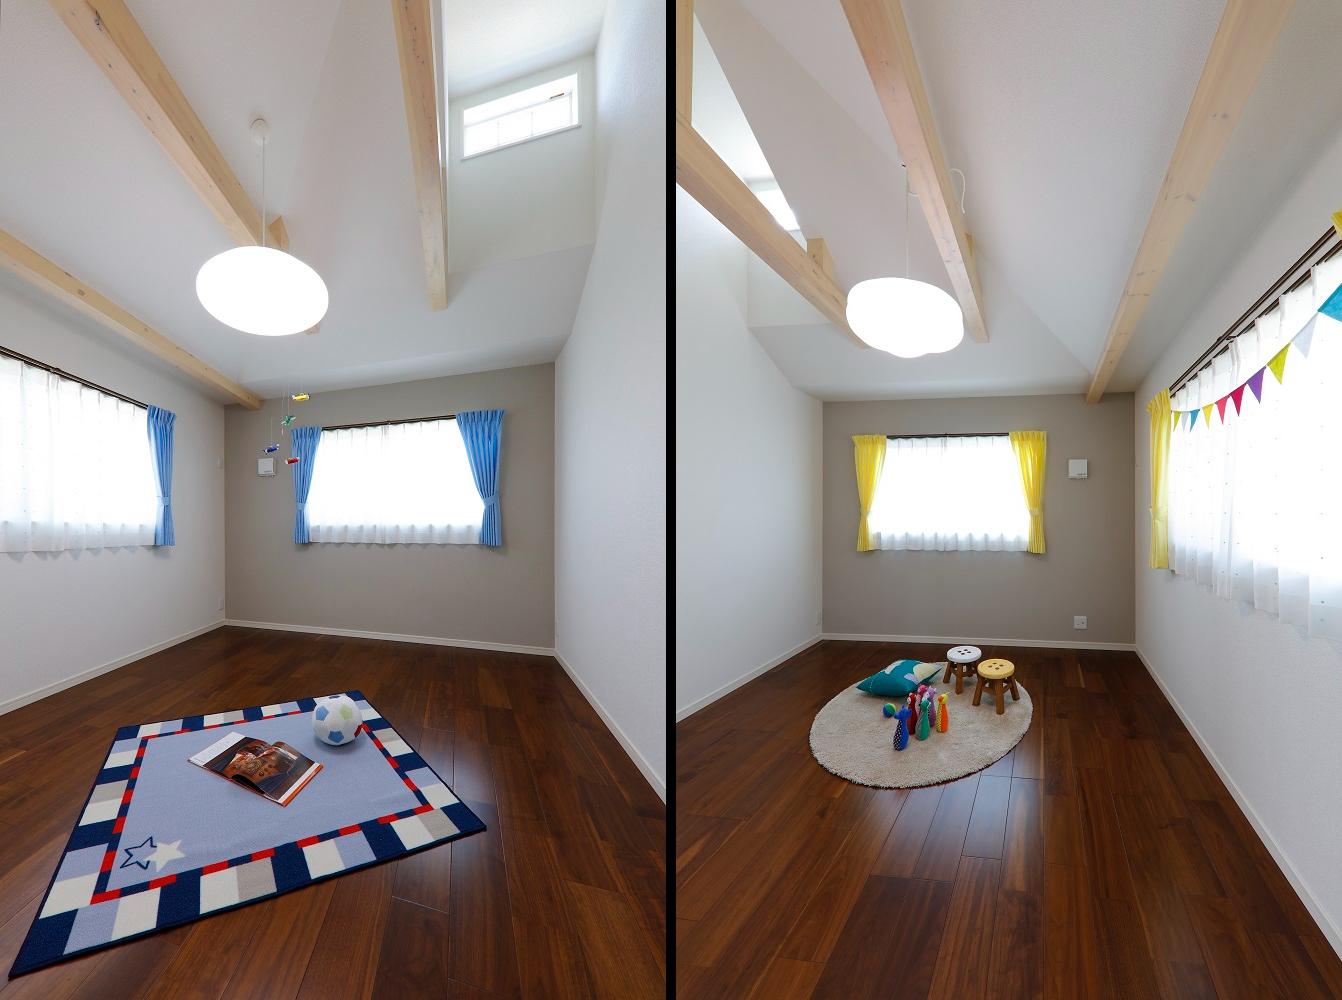 子供部屋の梁見せ天井